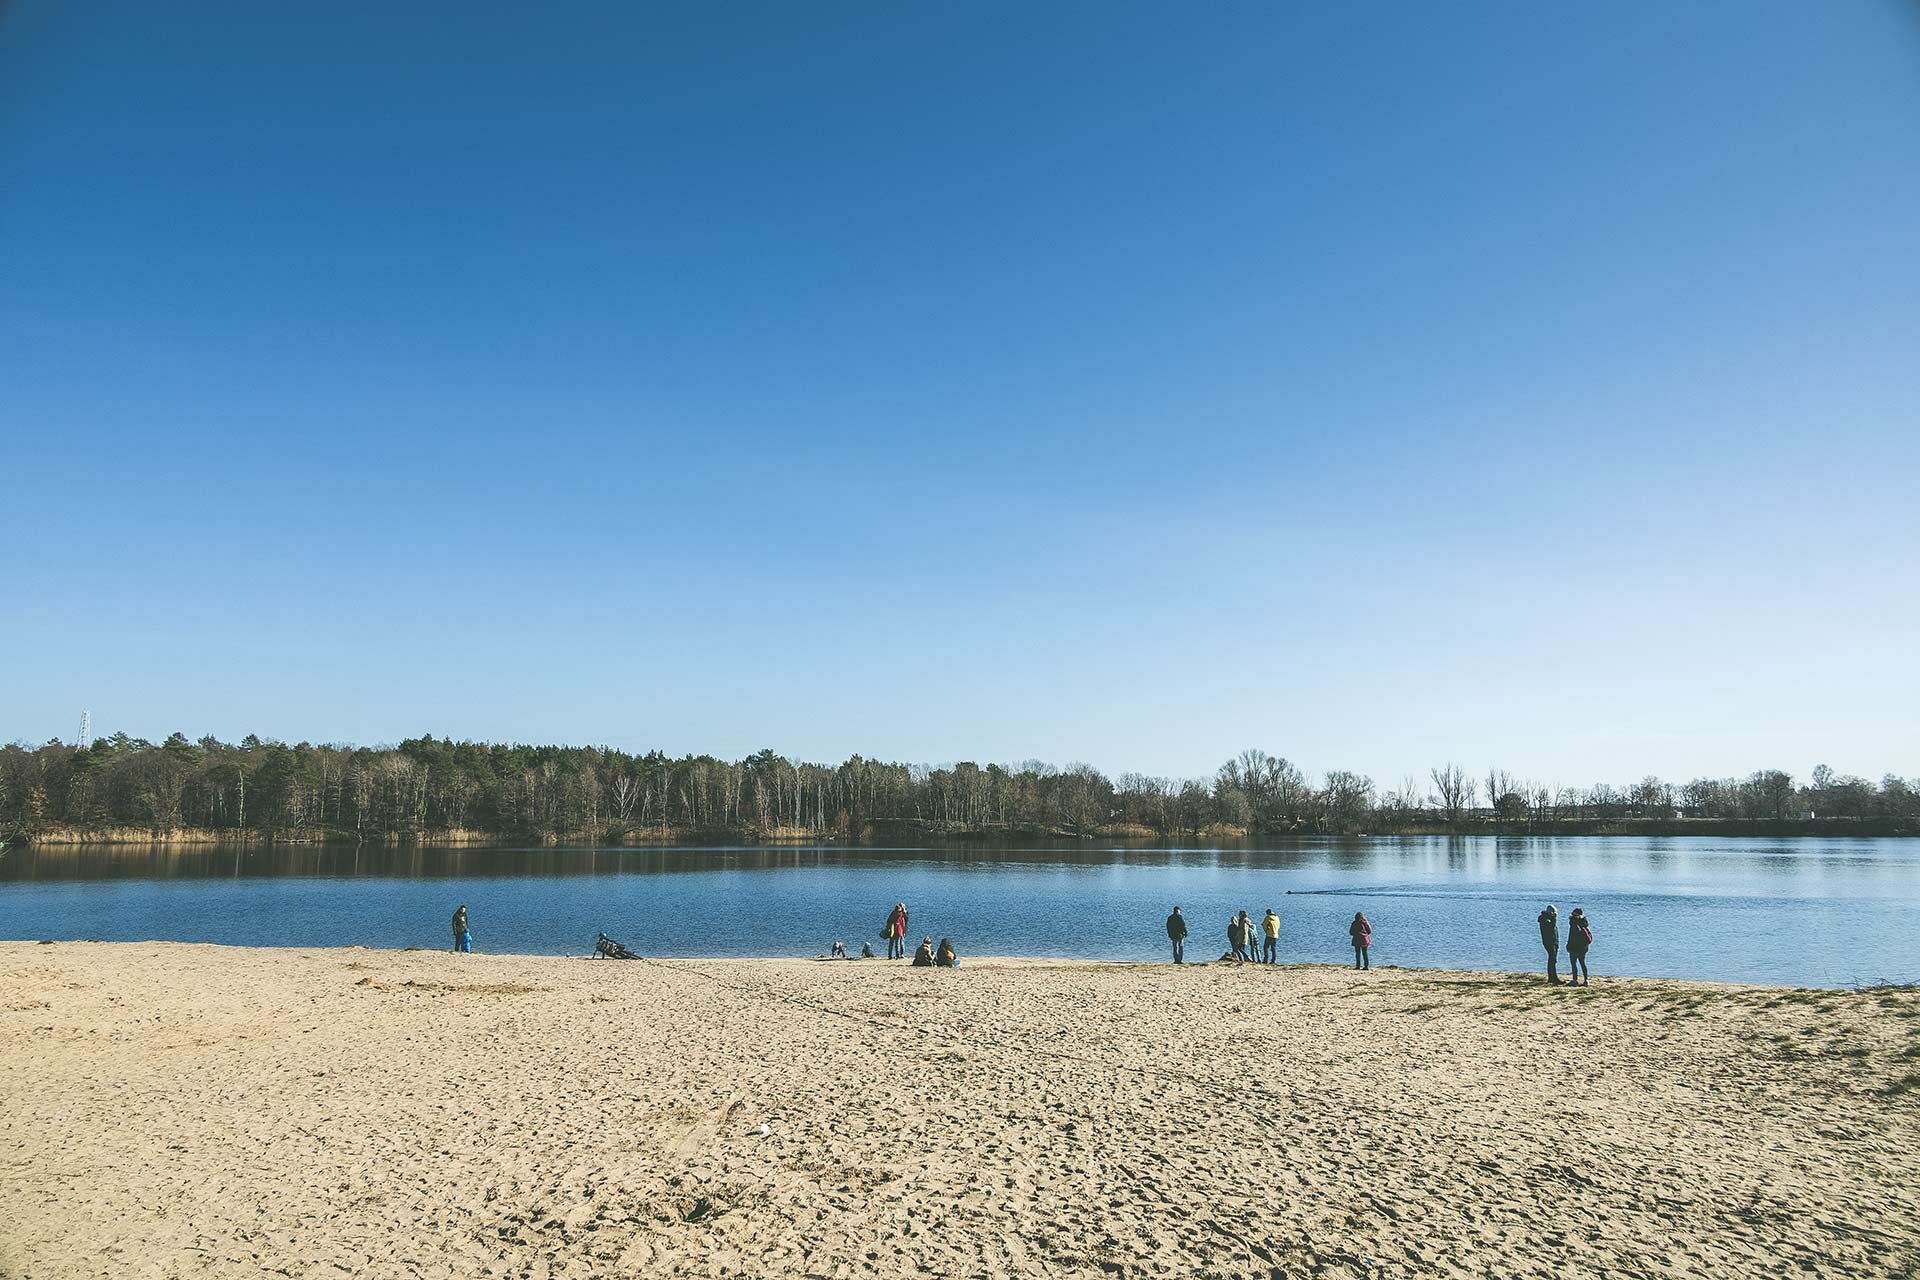 Die Vögel des Schutzgebiets lasen sich von zahlreichen Aussichtsplattformen am Flughafensee im Forst Jungfernheide beobachten.